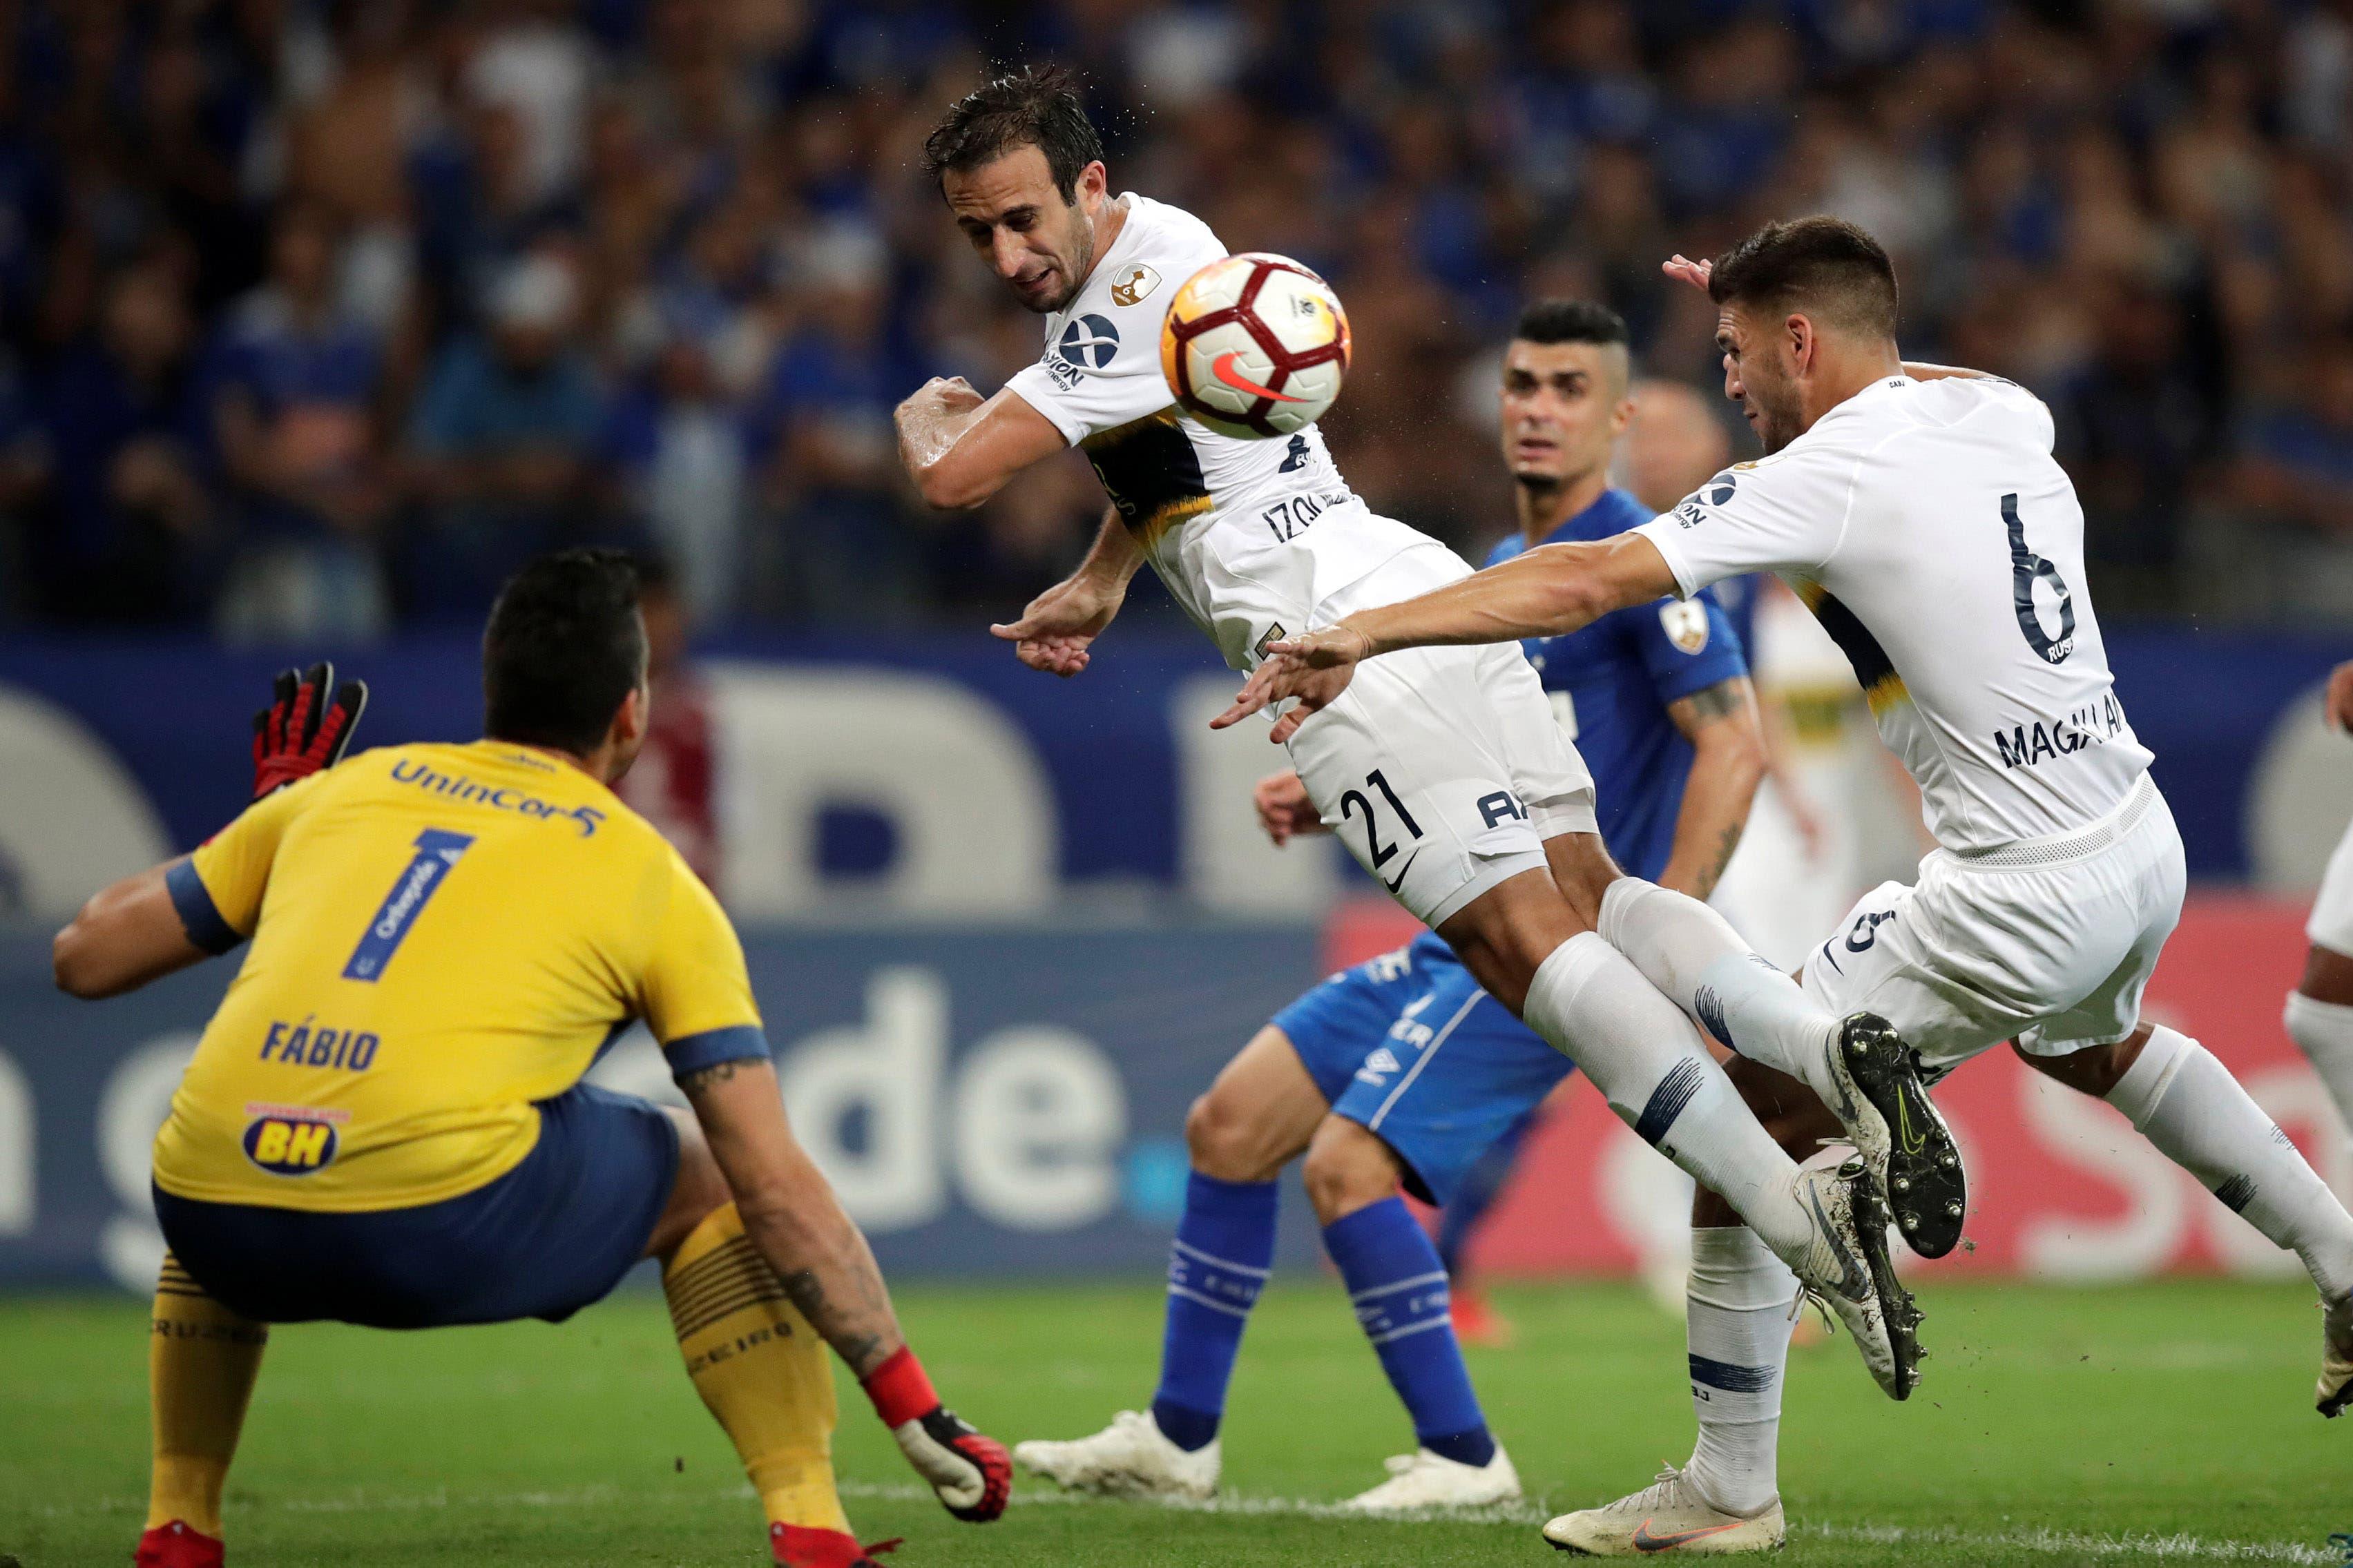 Puntos a favor y en contra de Boca para imaginarse una final de Copa Libertadores ante River